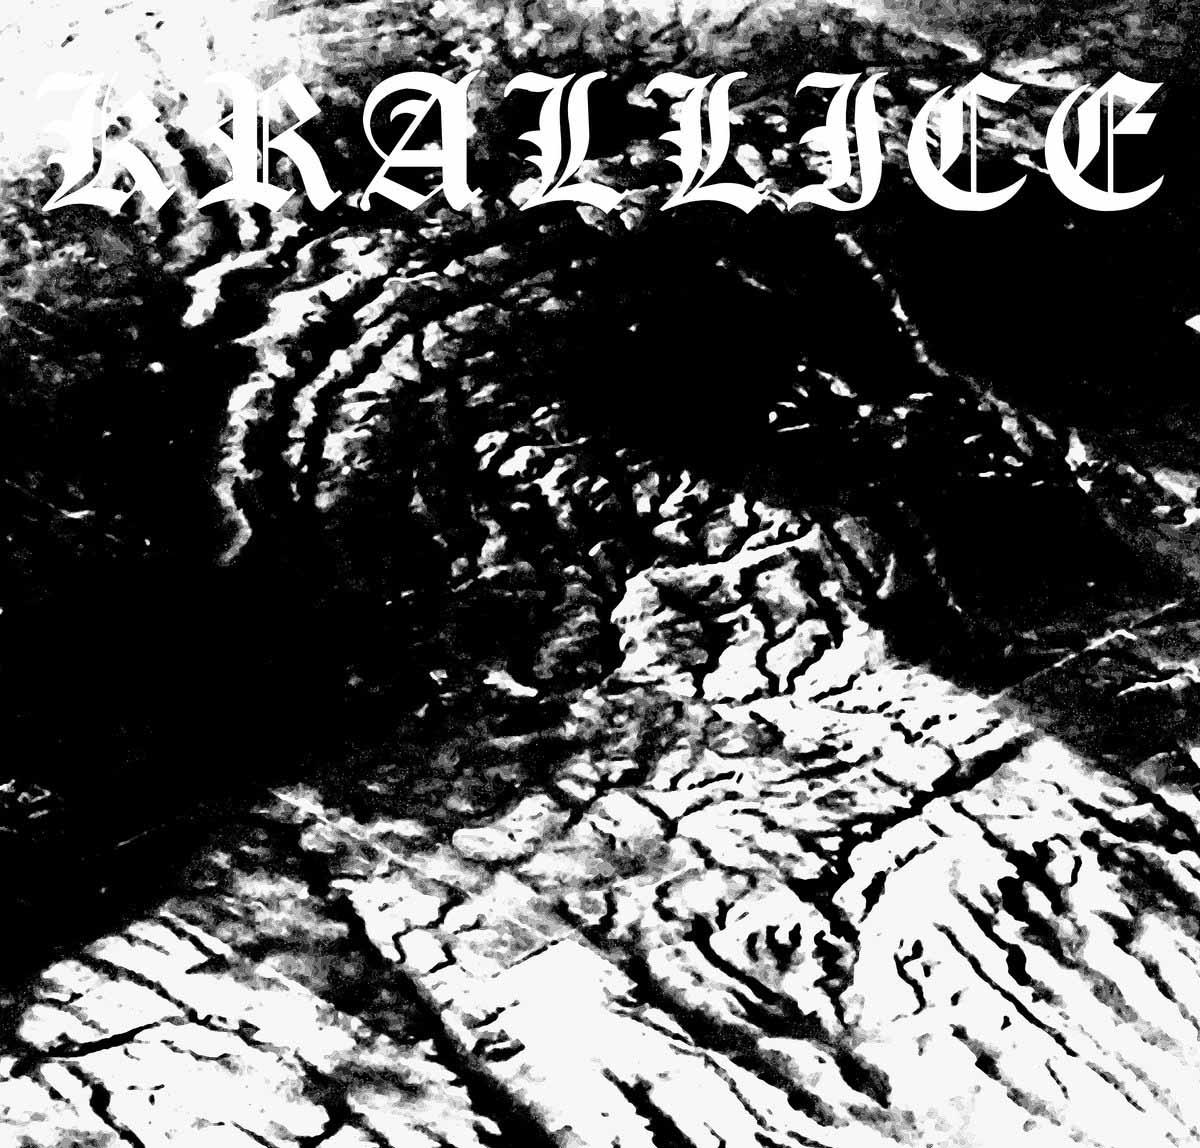 Krallice - Go Be Forgotten